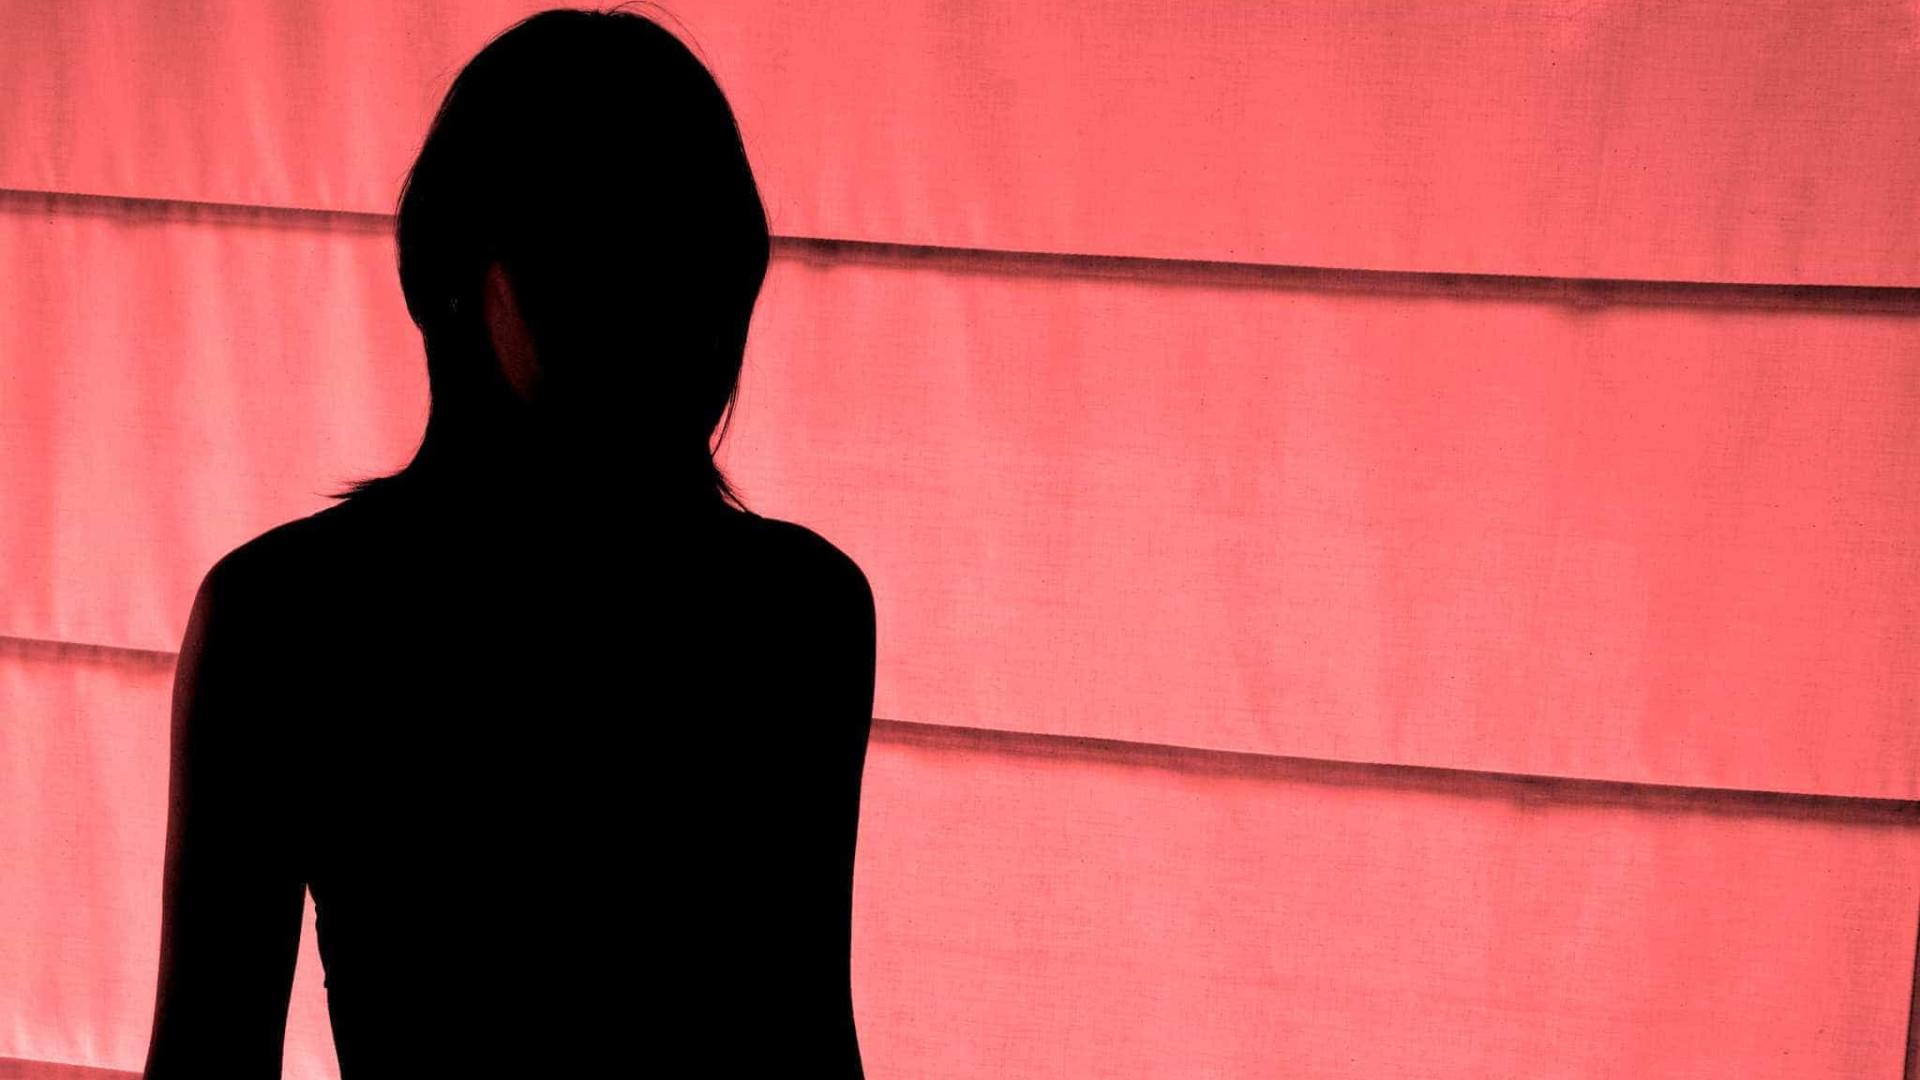 Acusado injustamente de violação, tem receio de sair de casa sozinho